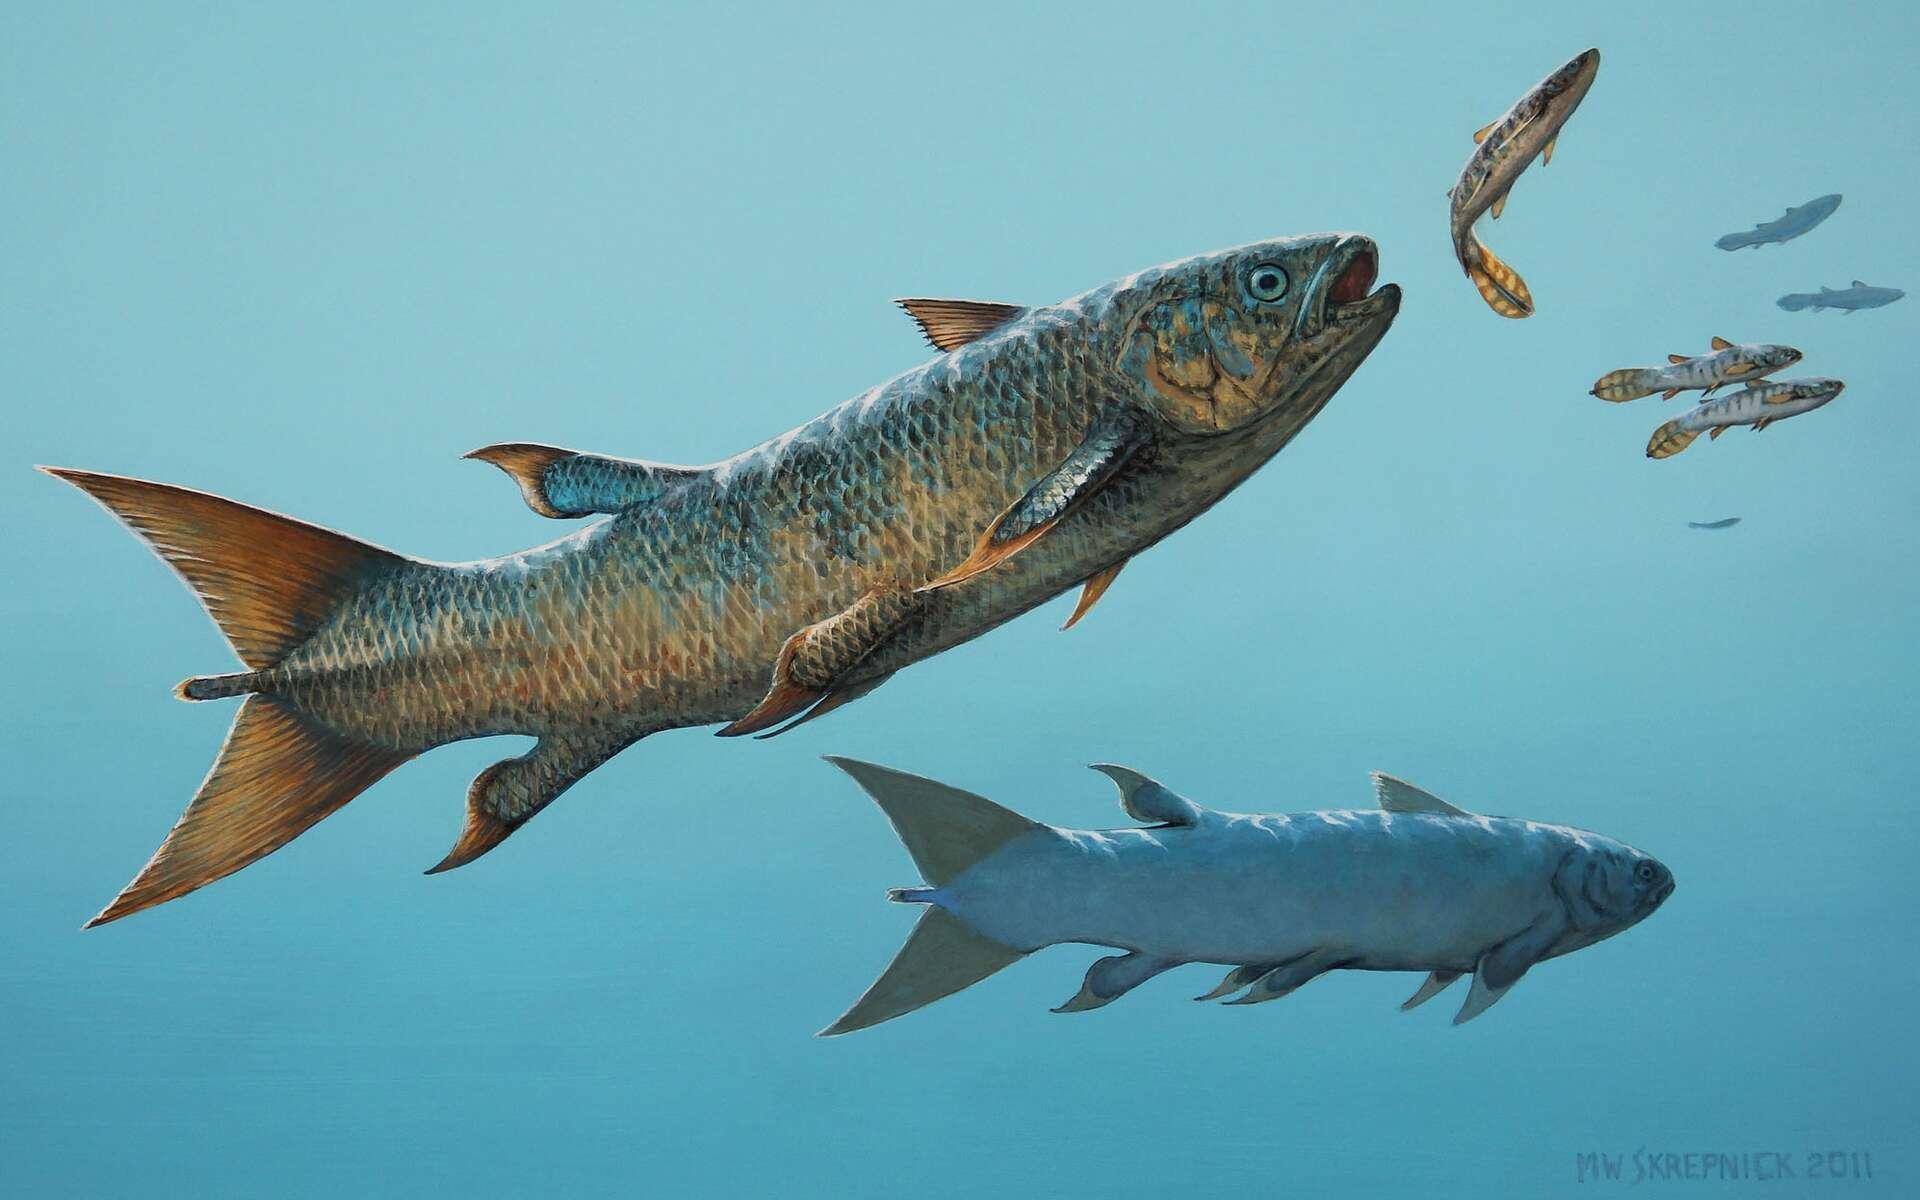 Le cœlacanthe Rebellatrix divaricerca devait chasser de petits poissons en pleine eau, au sein de l'océan à l'ouest de la Pangée, durant le Trias. © Michael Skrepnick